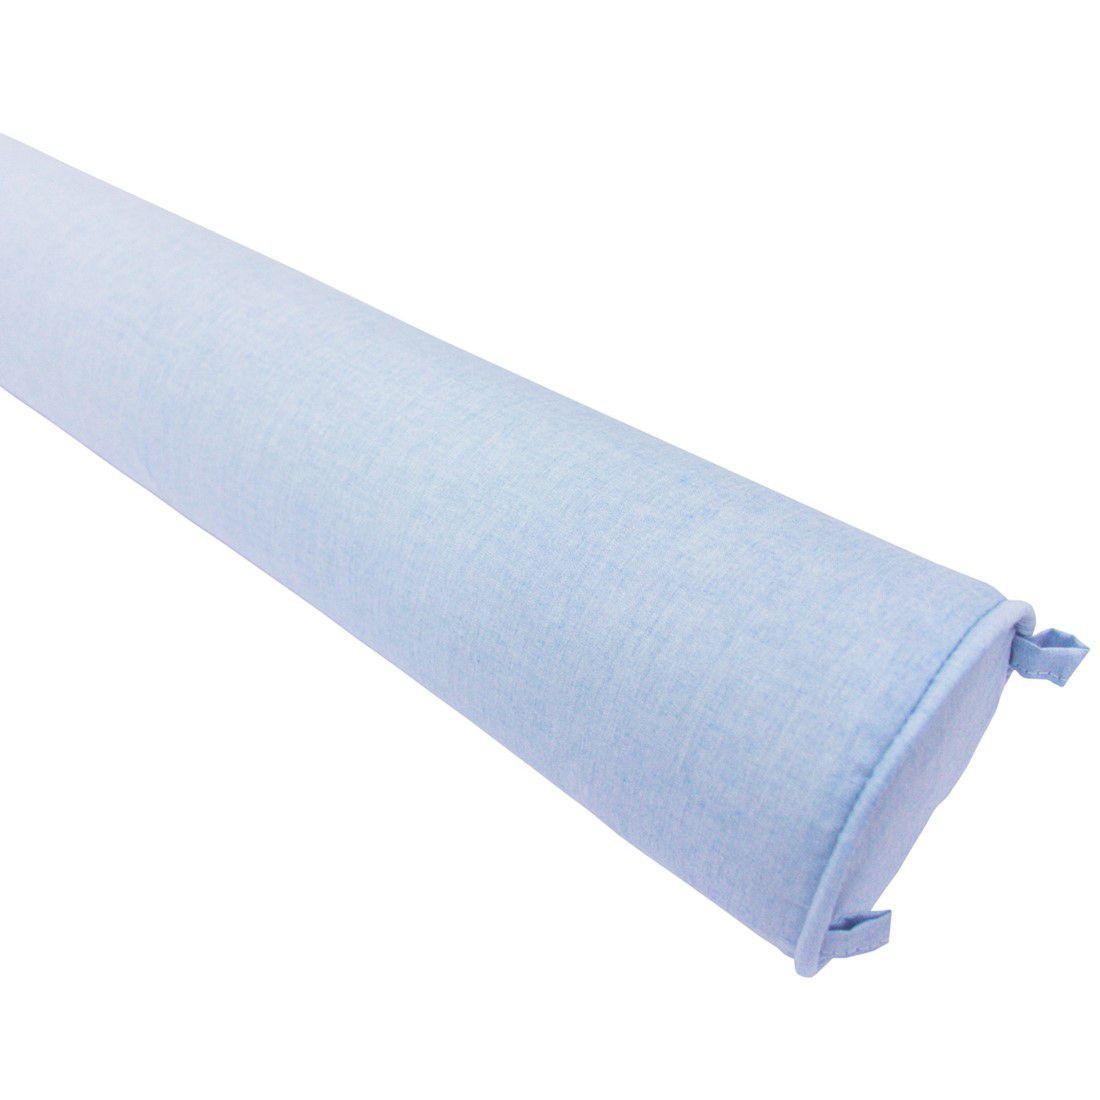 Rolo para cama solteiro 188 cm azul céu